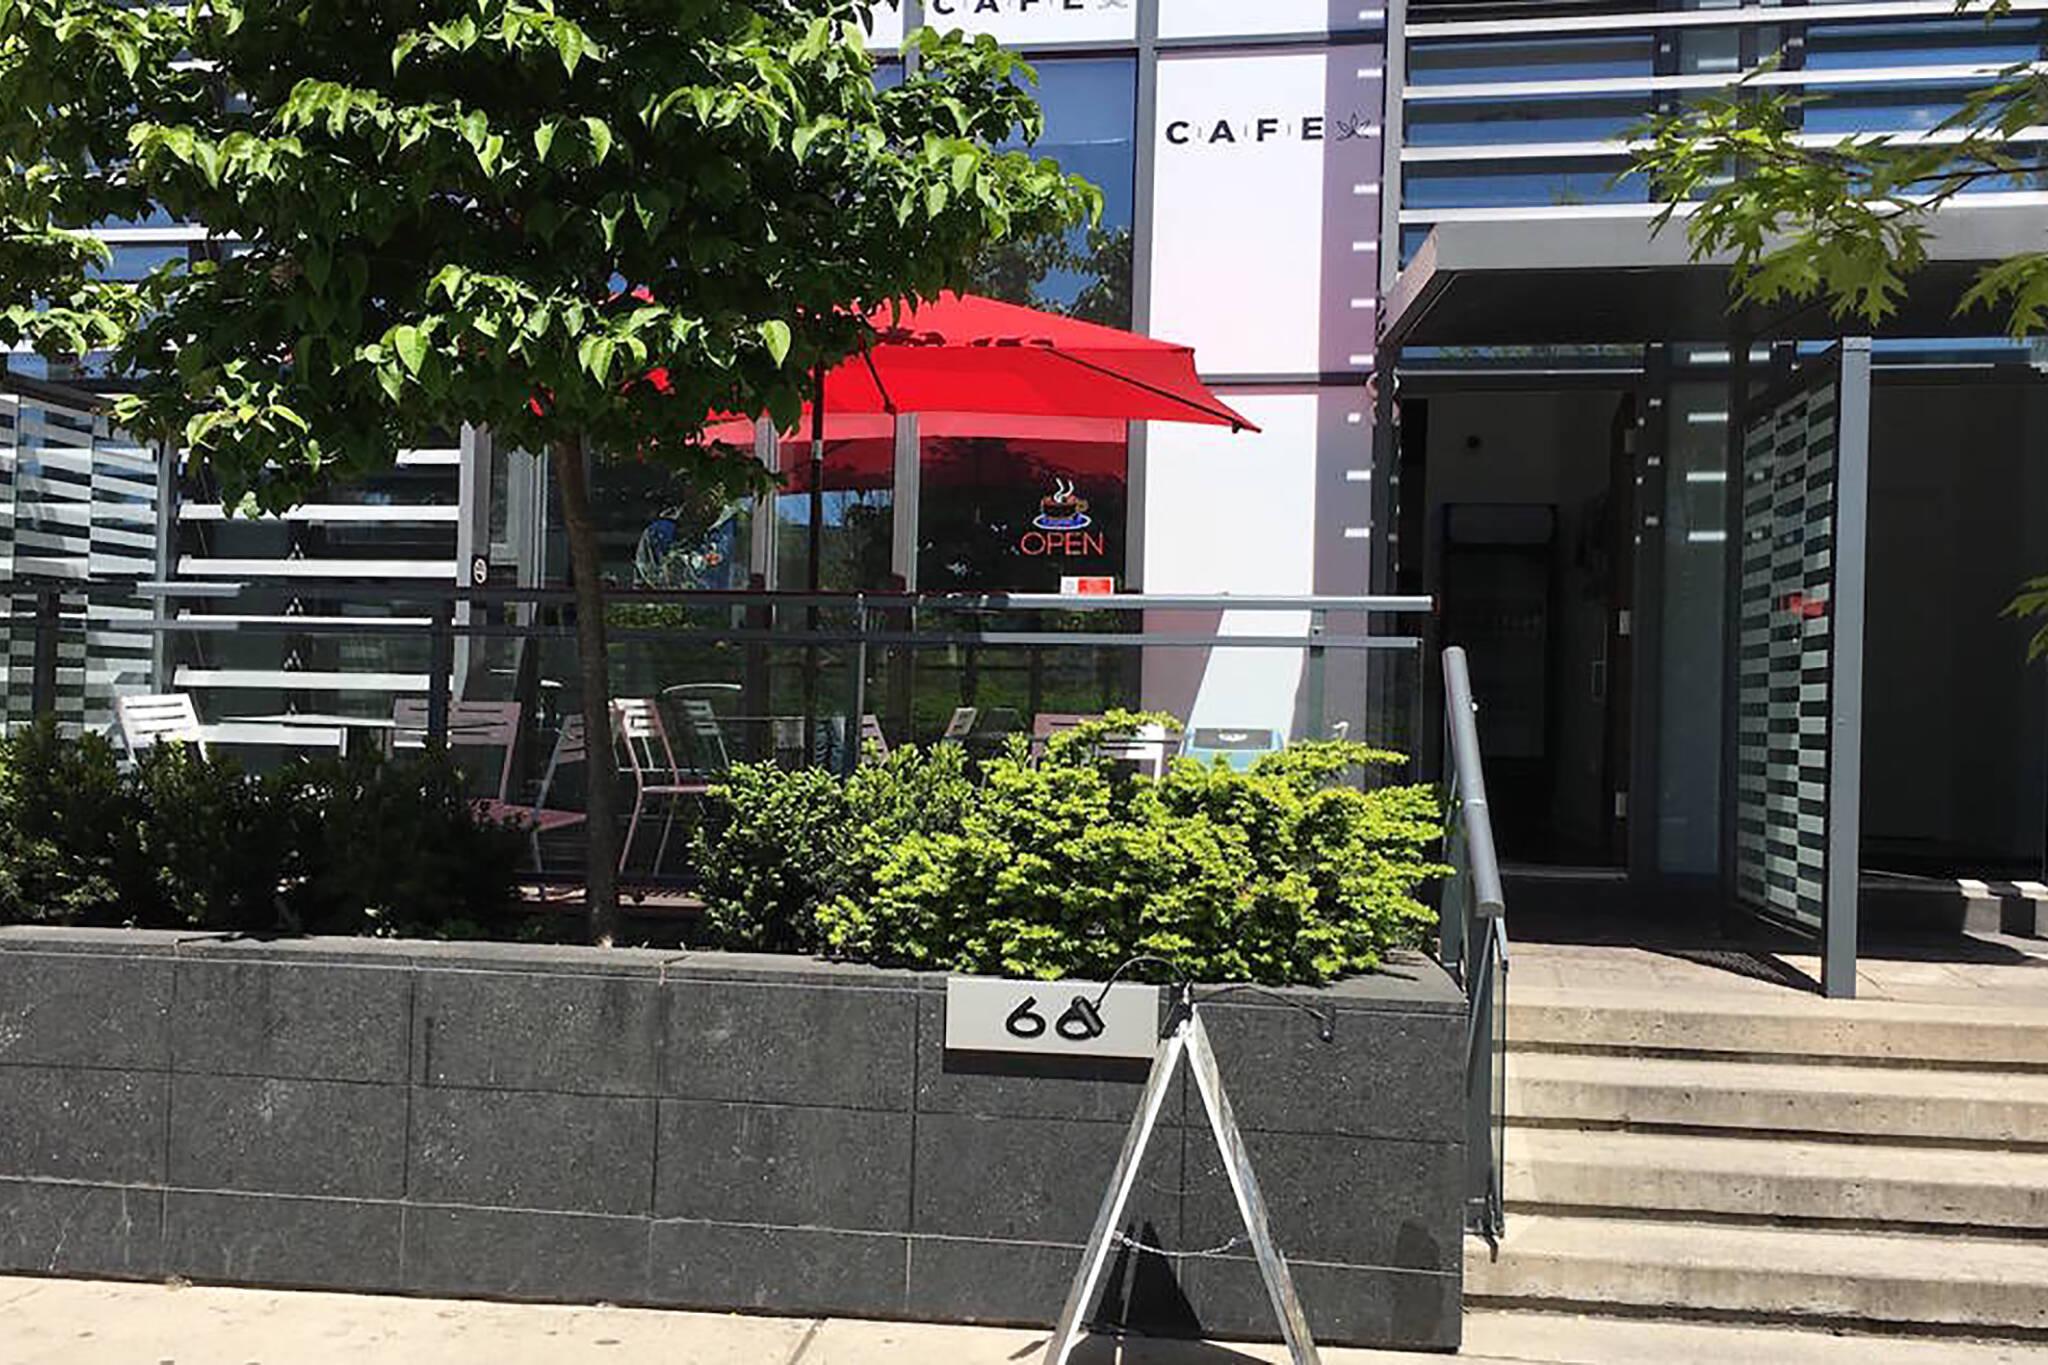 cafe dispensary toronto